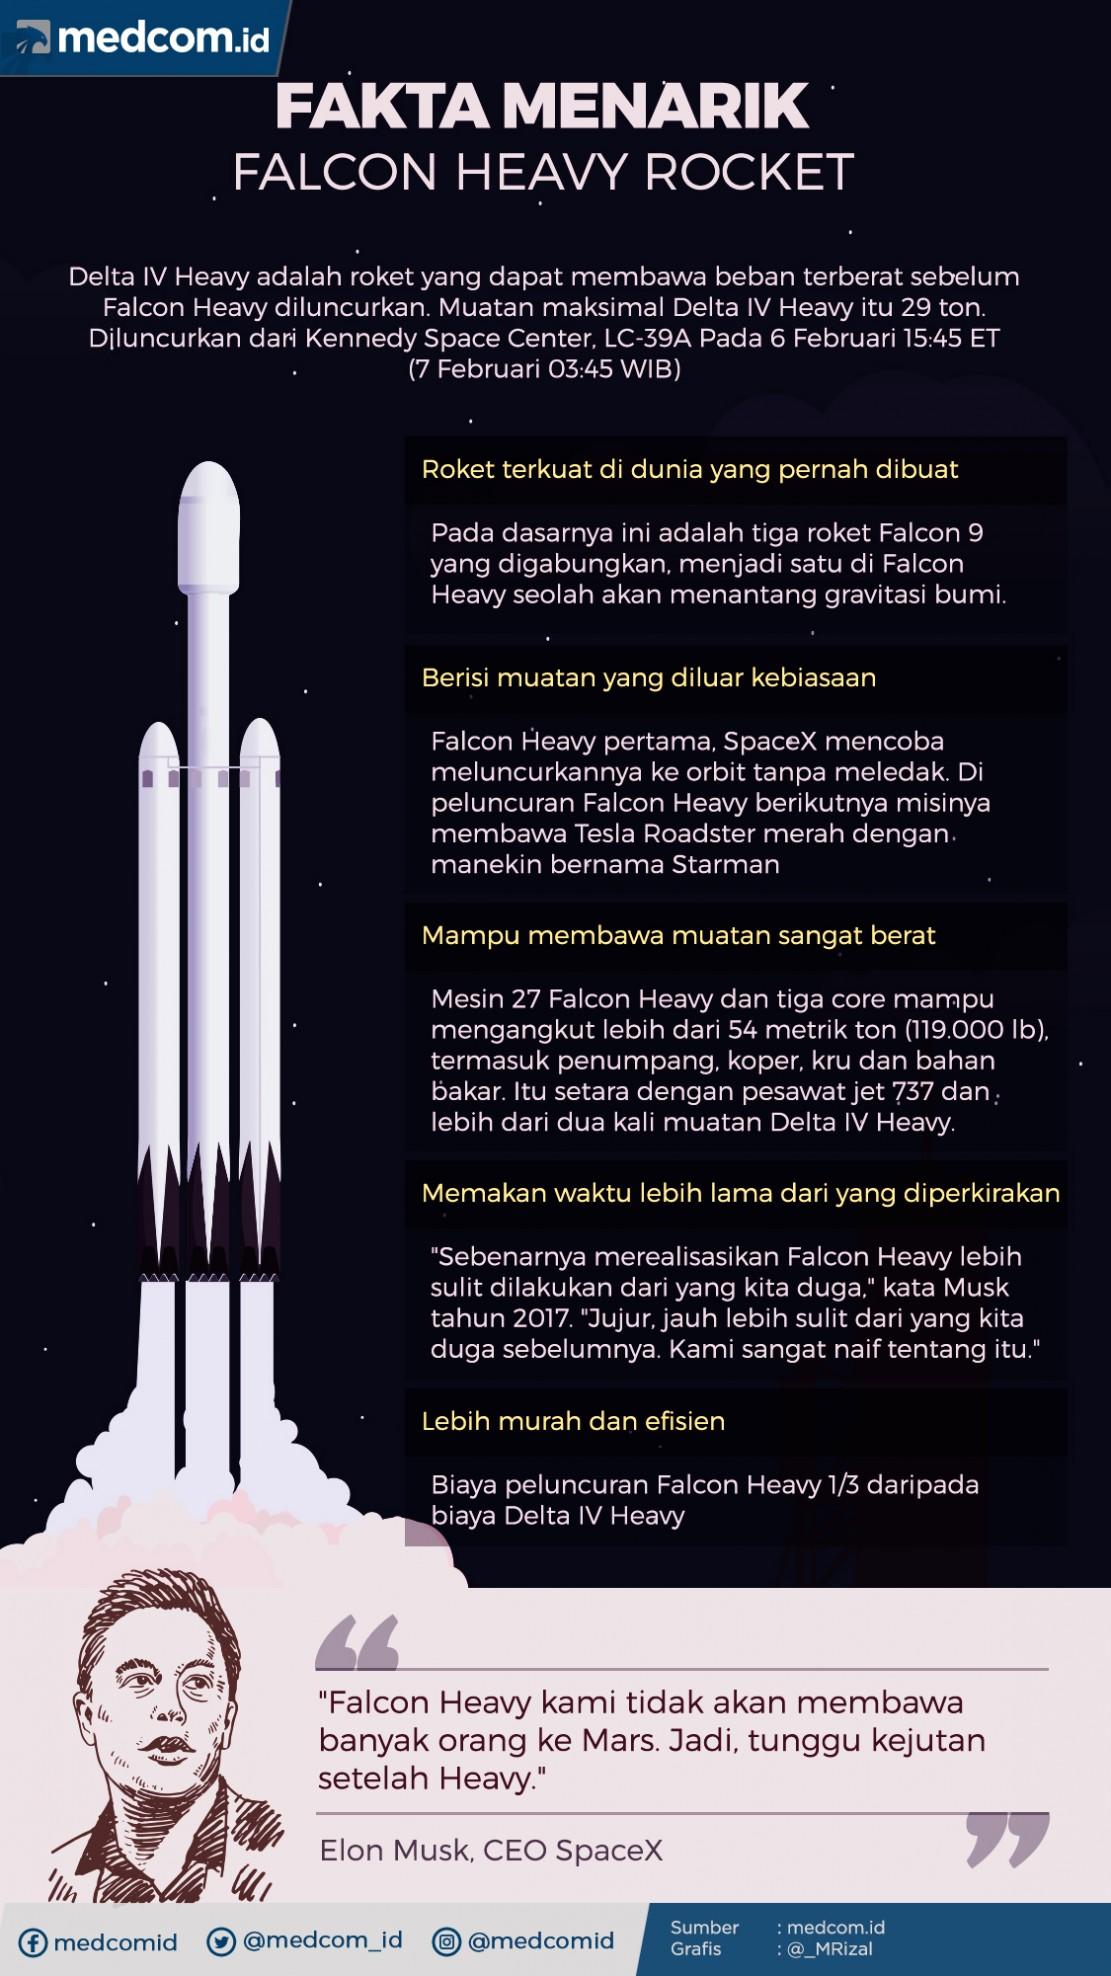 Fakta Menarik Peluncuran Roket Falcon Heavy